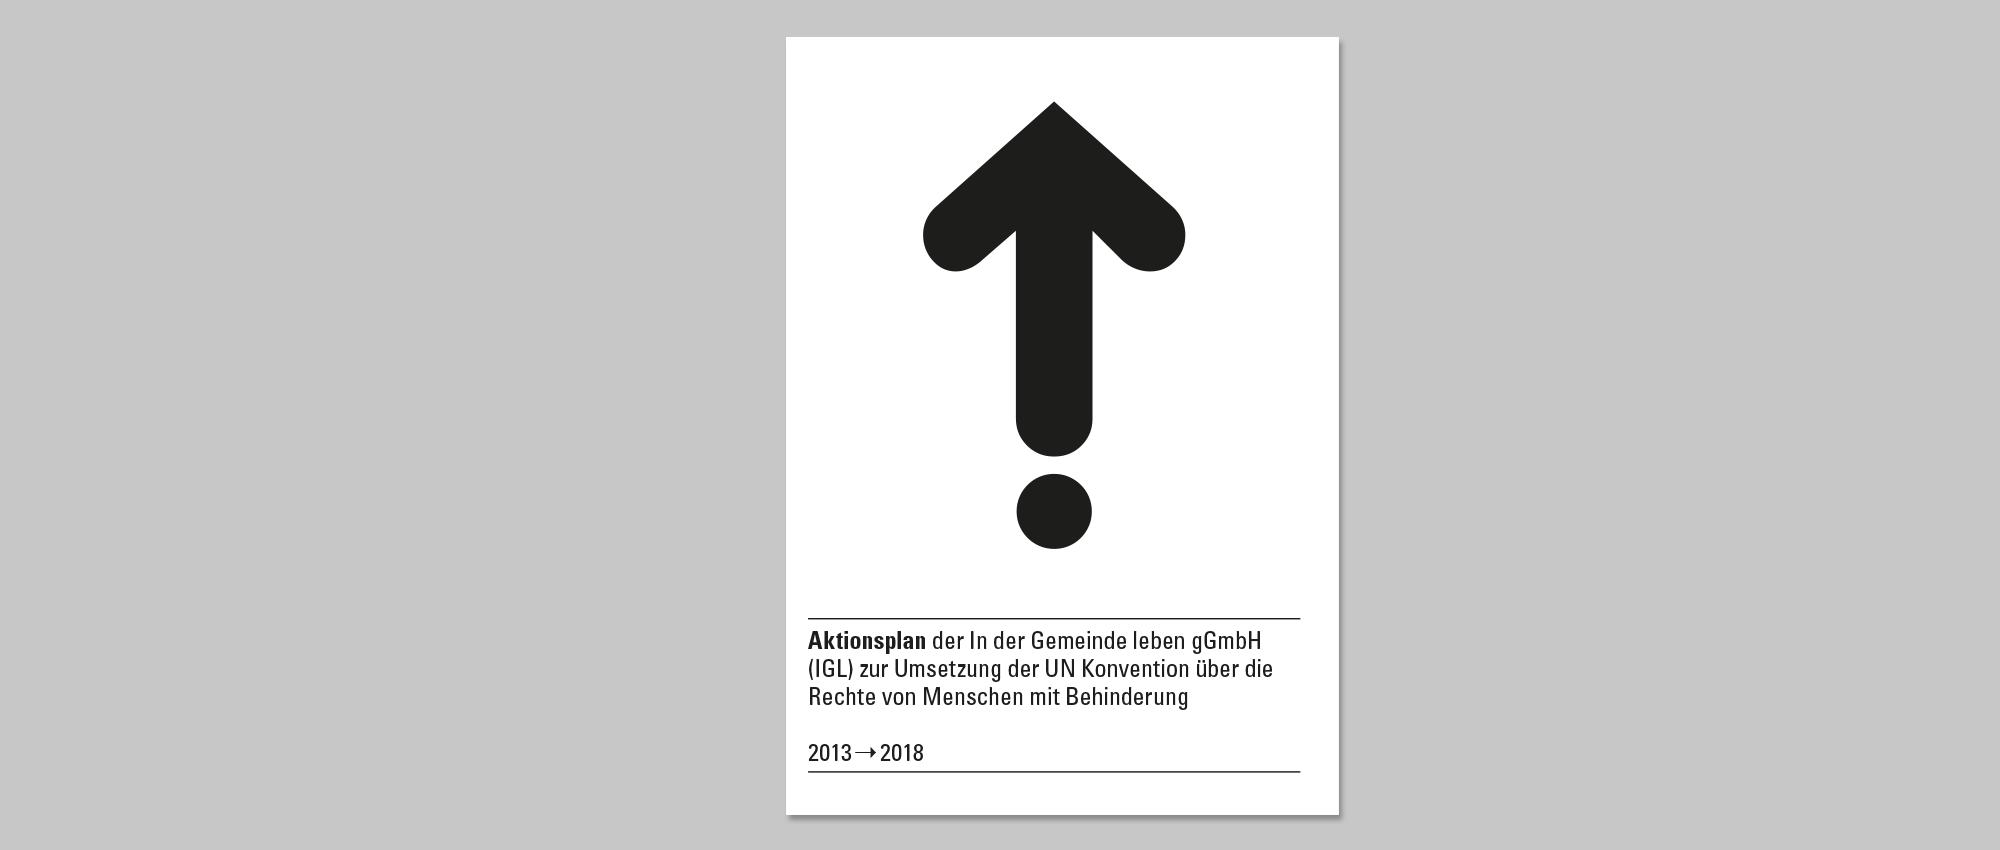 Abgebildet ist die Titelseite des IGL Aktionsplans mit einem schwarzen Pfeil der nach oben zeigt